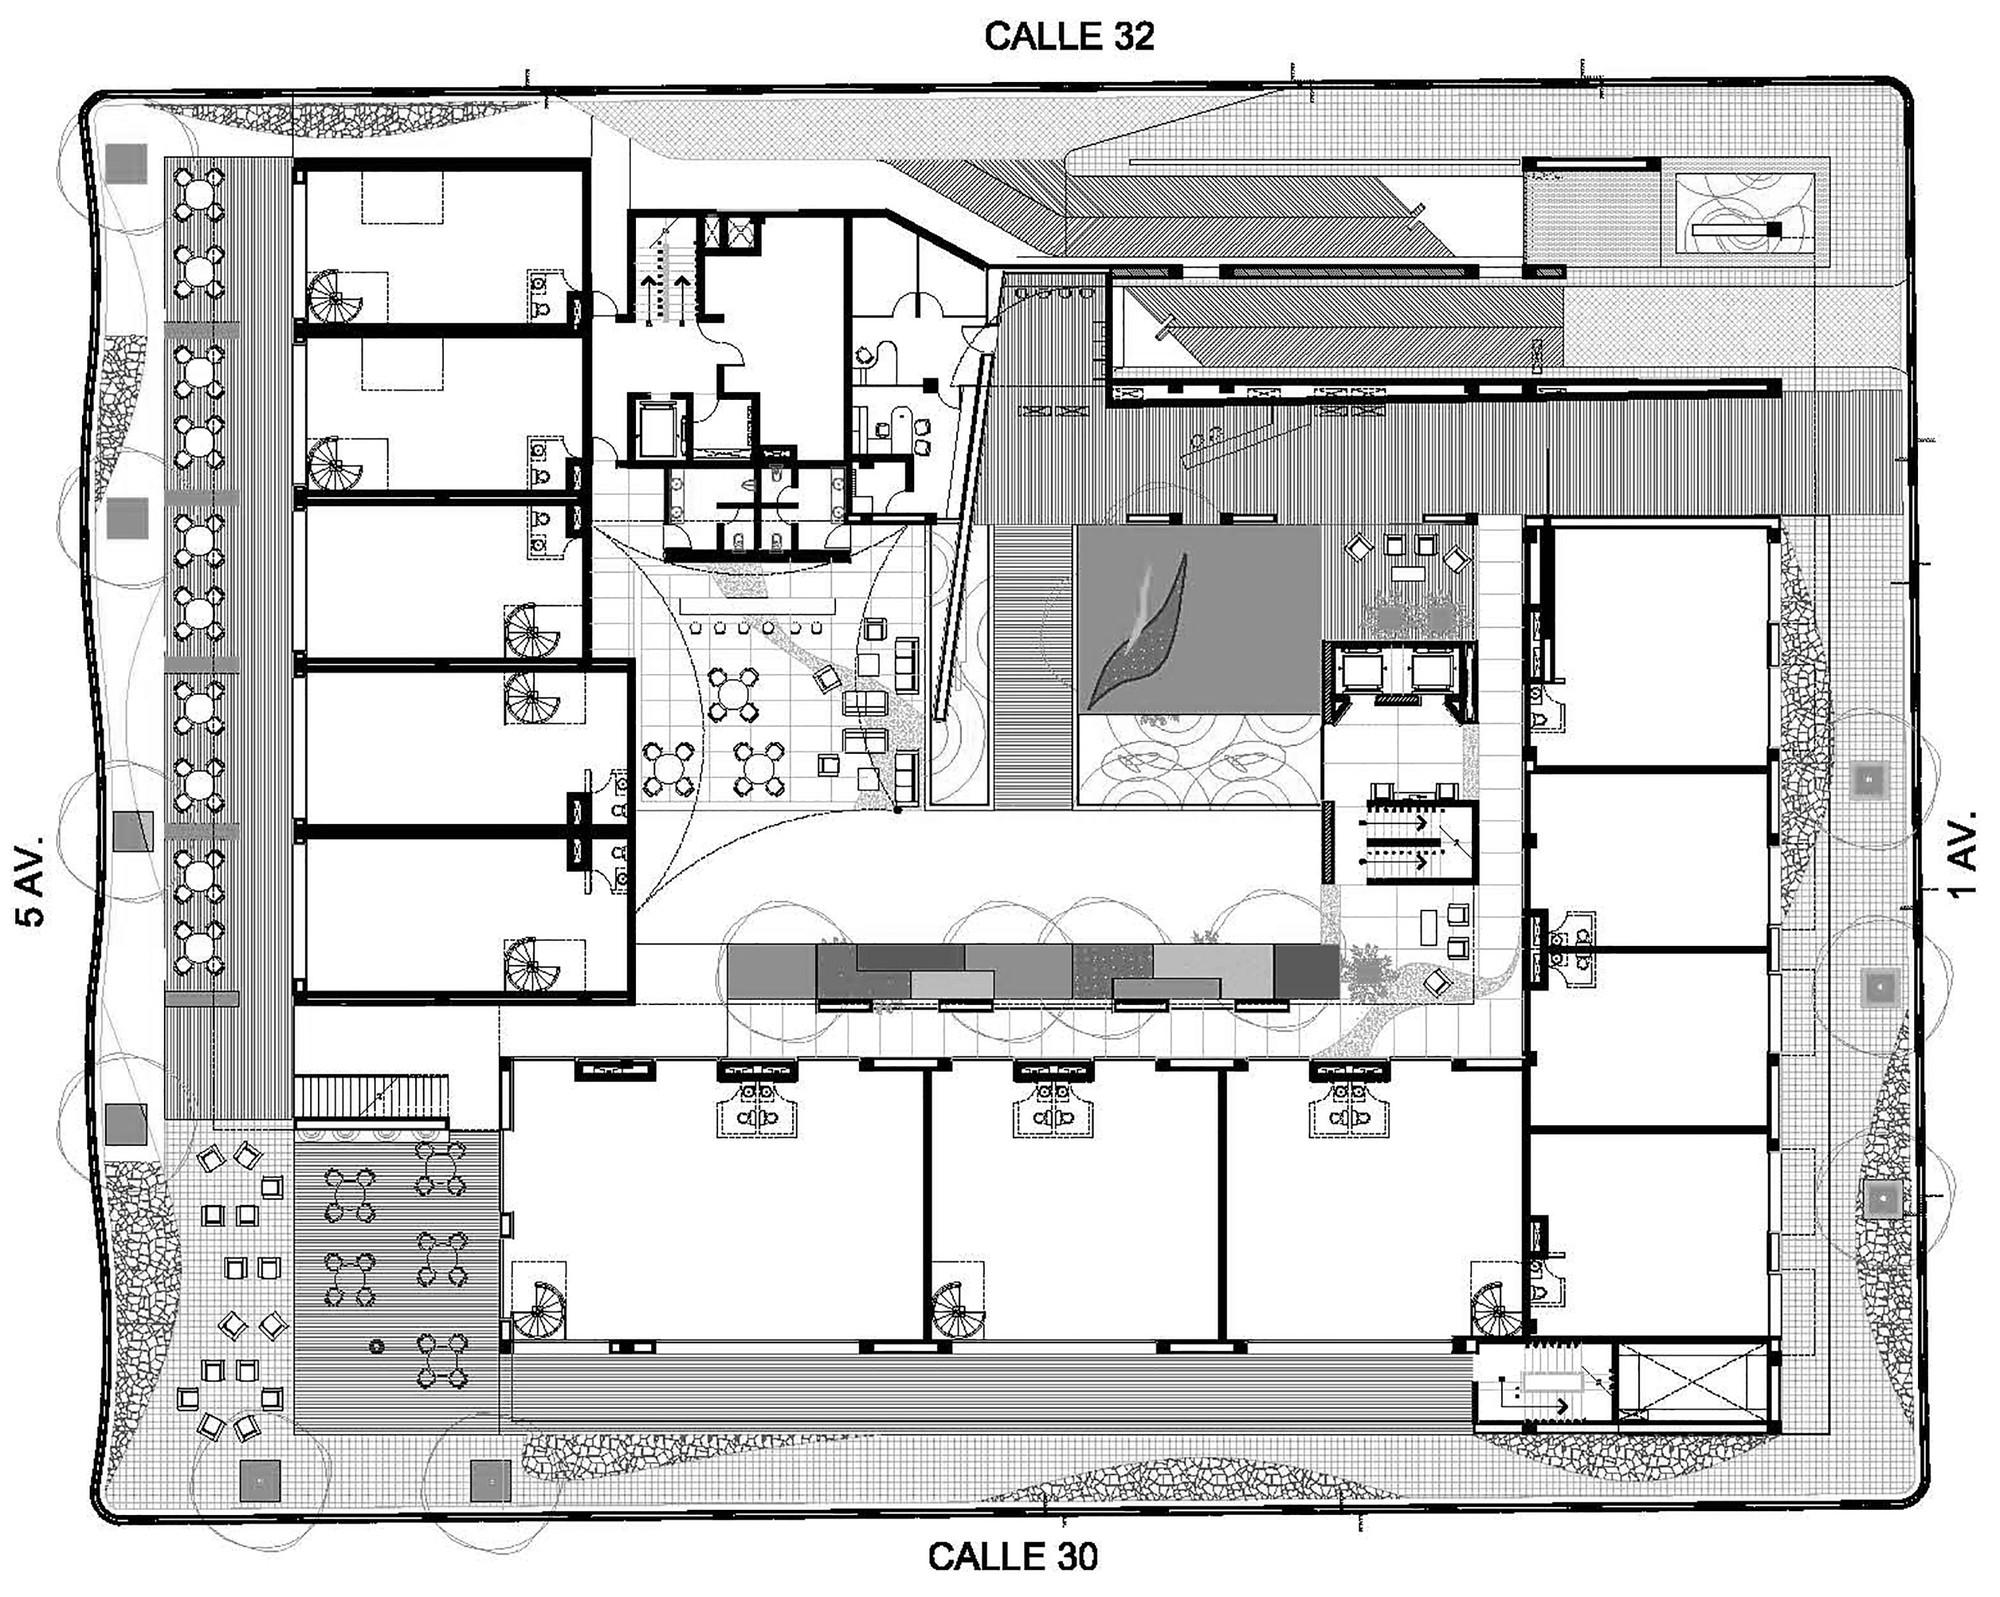 Galer a de hotel boutique cacao rdlp arquitectos 28 for Hoteles en planta